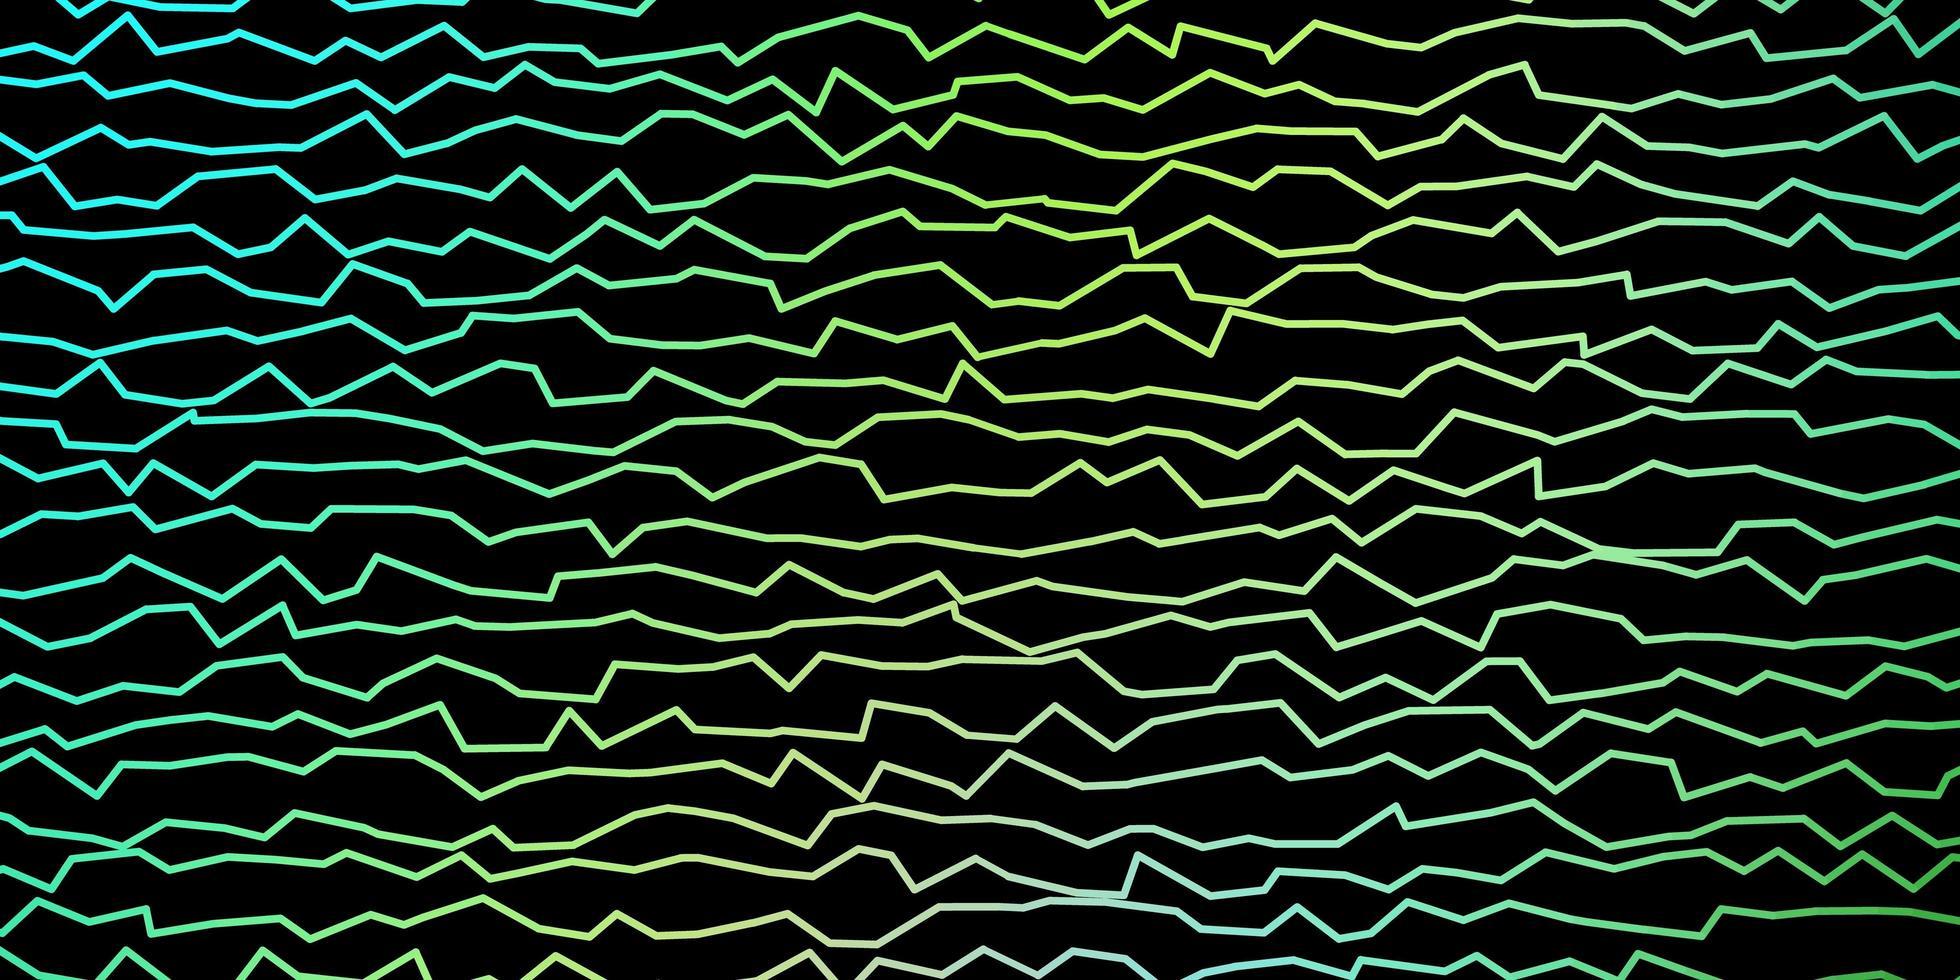 mörkblå, gul bakgrund med böjda linjer. vektor